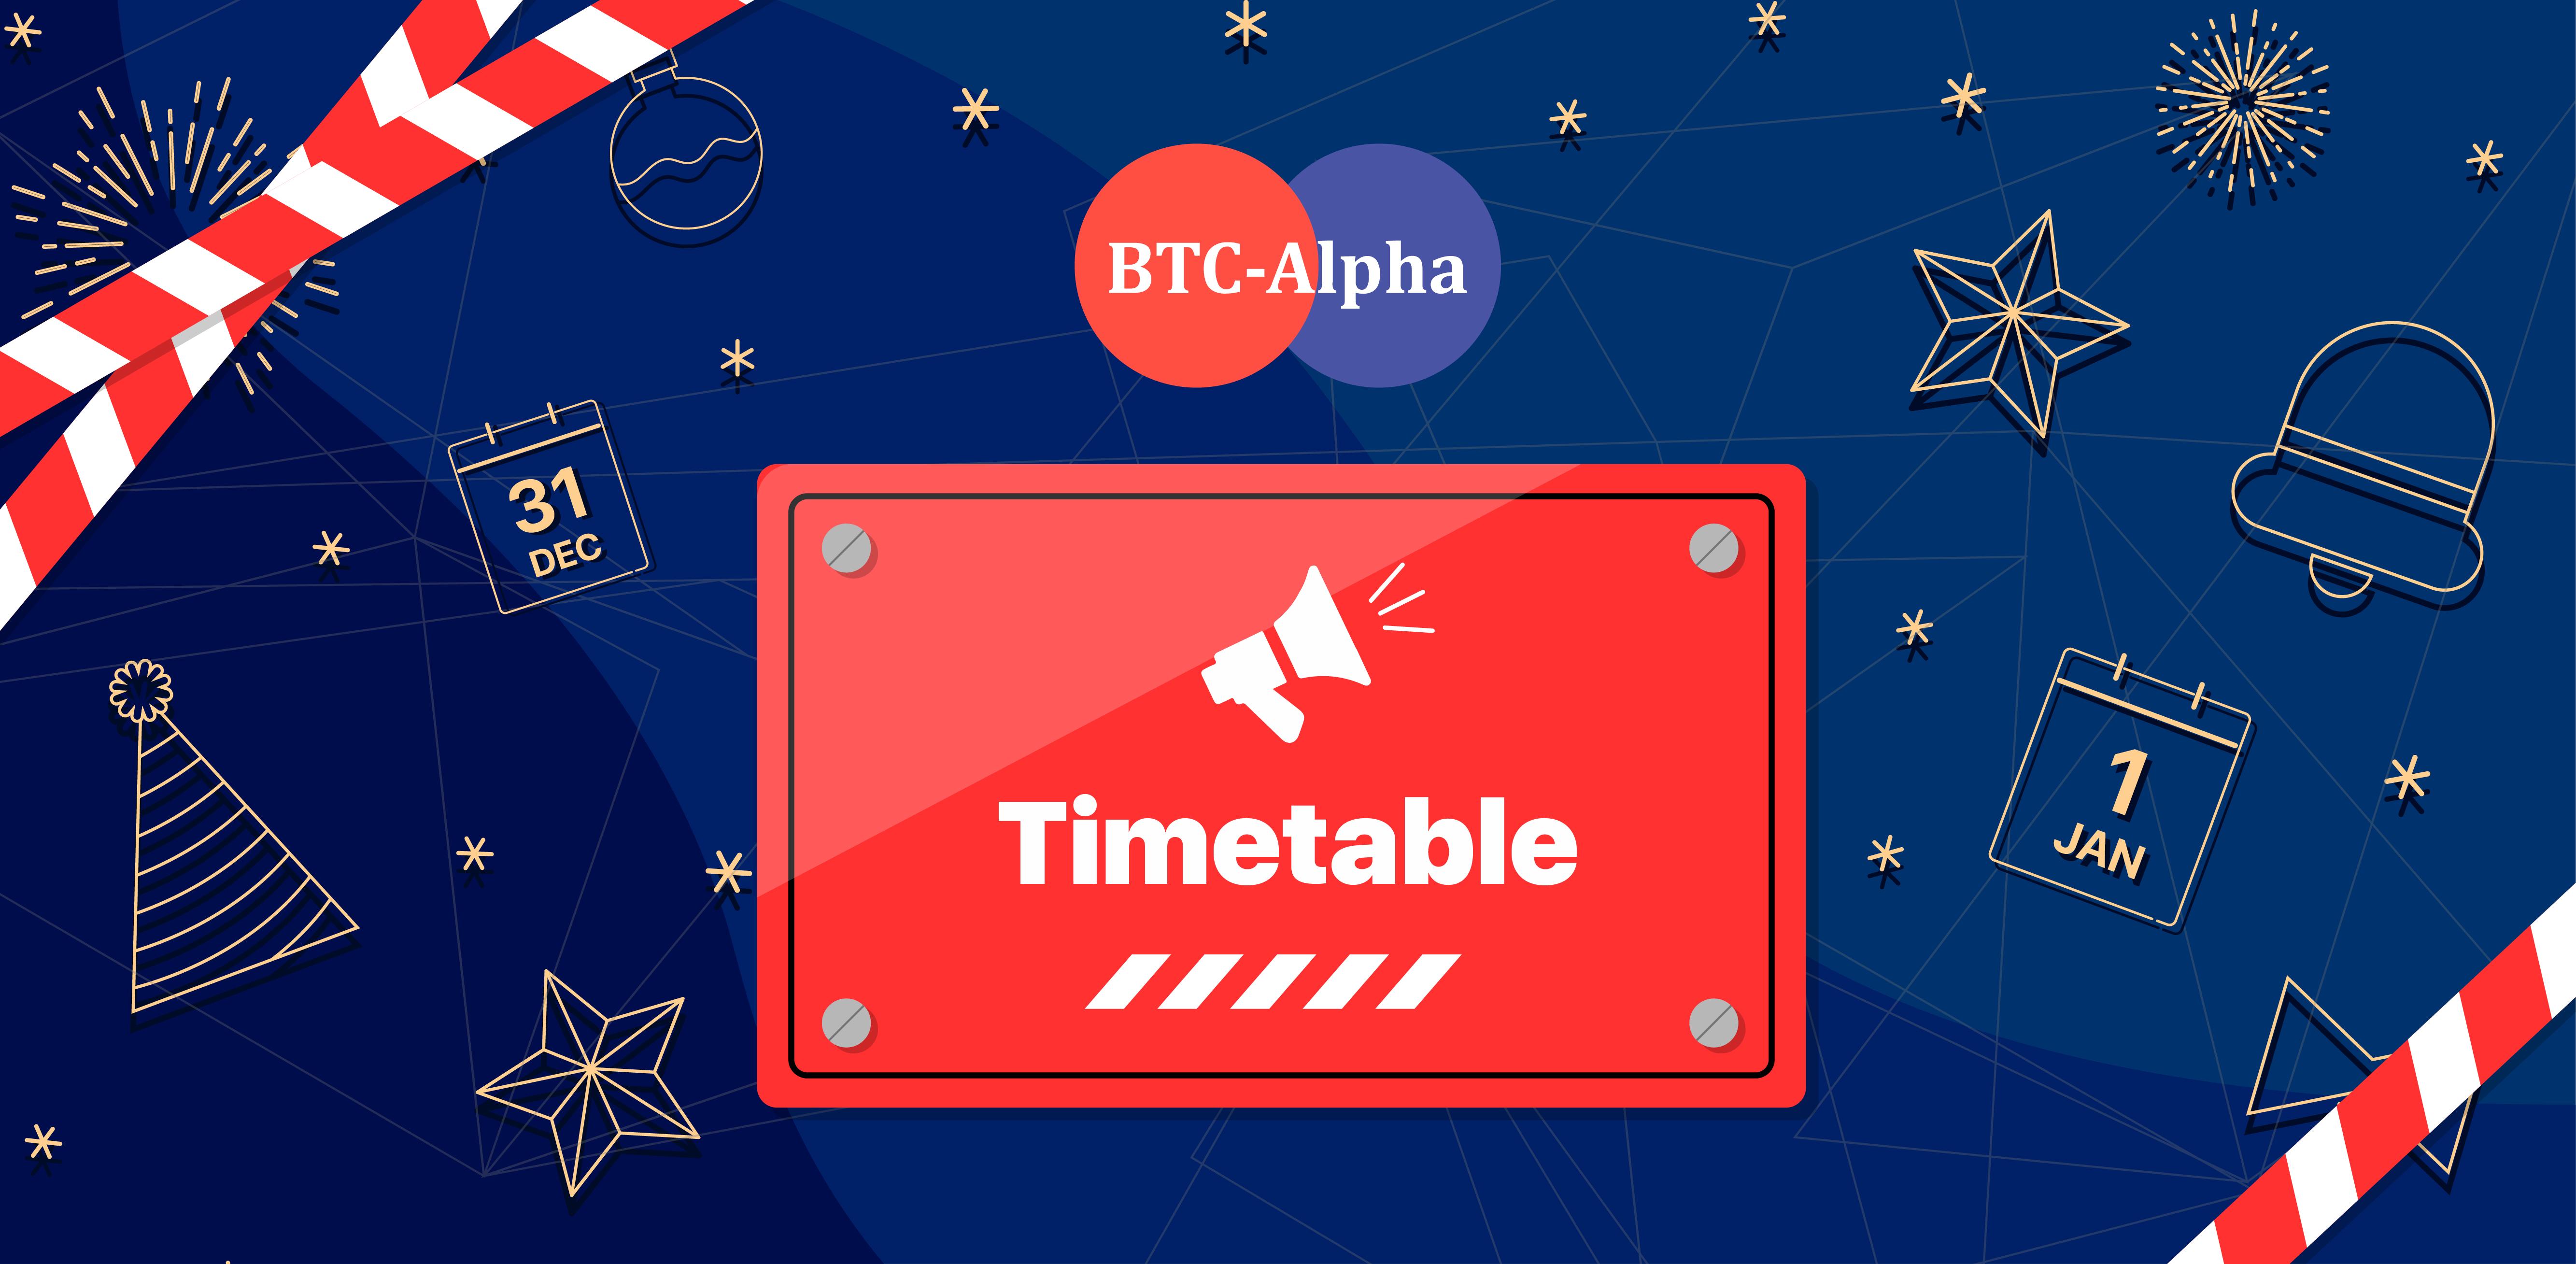 Important Announcement: BTC-Alpha Support Schedule 📣